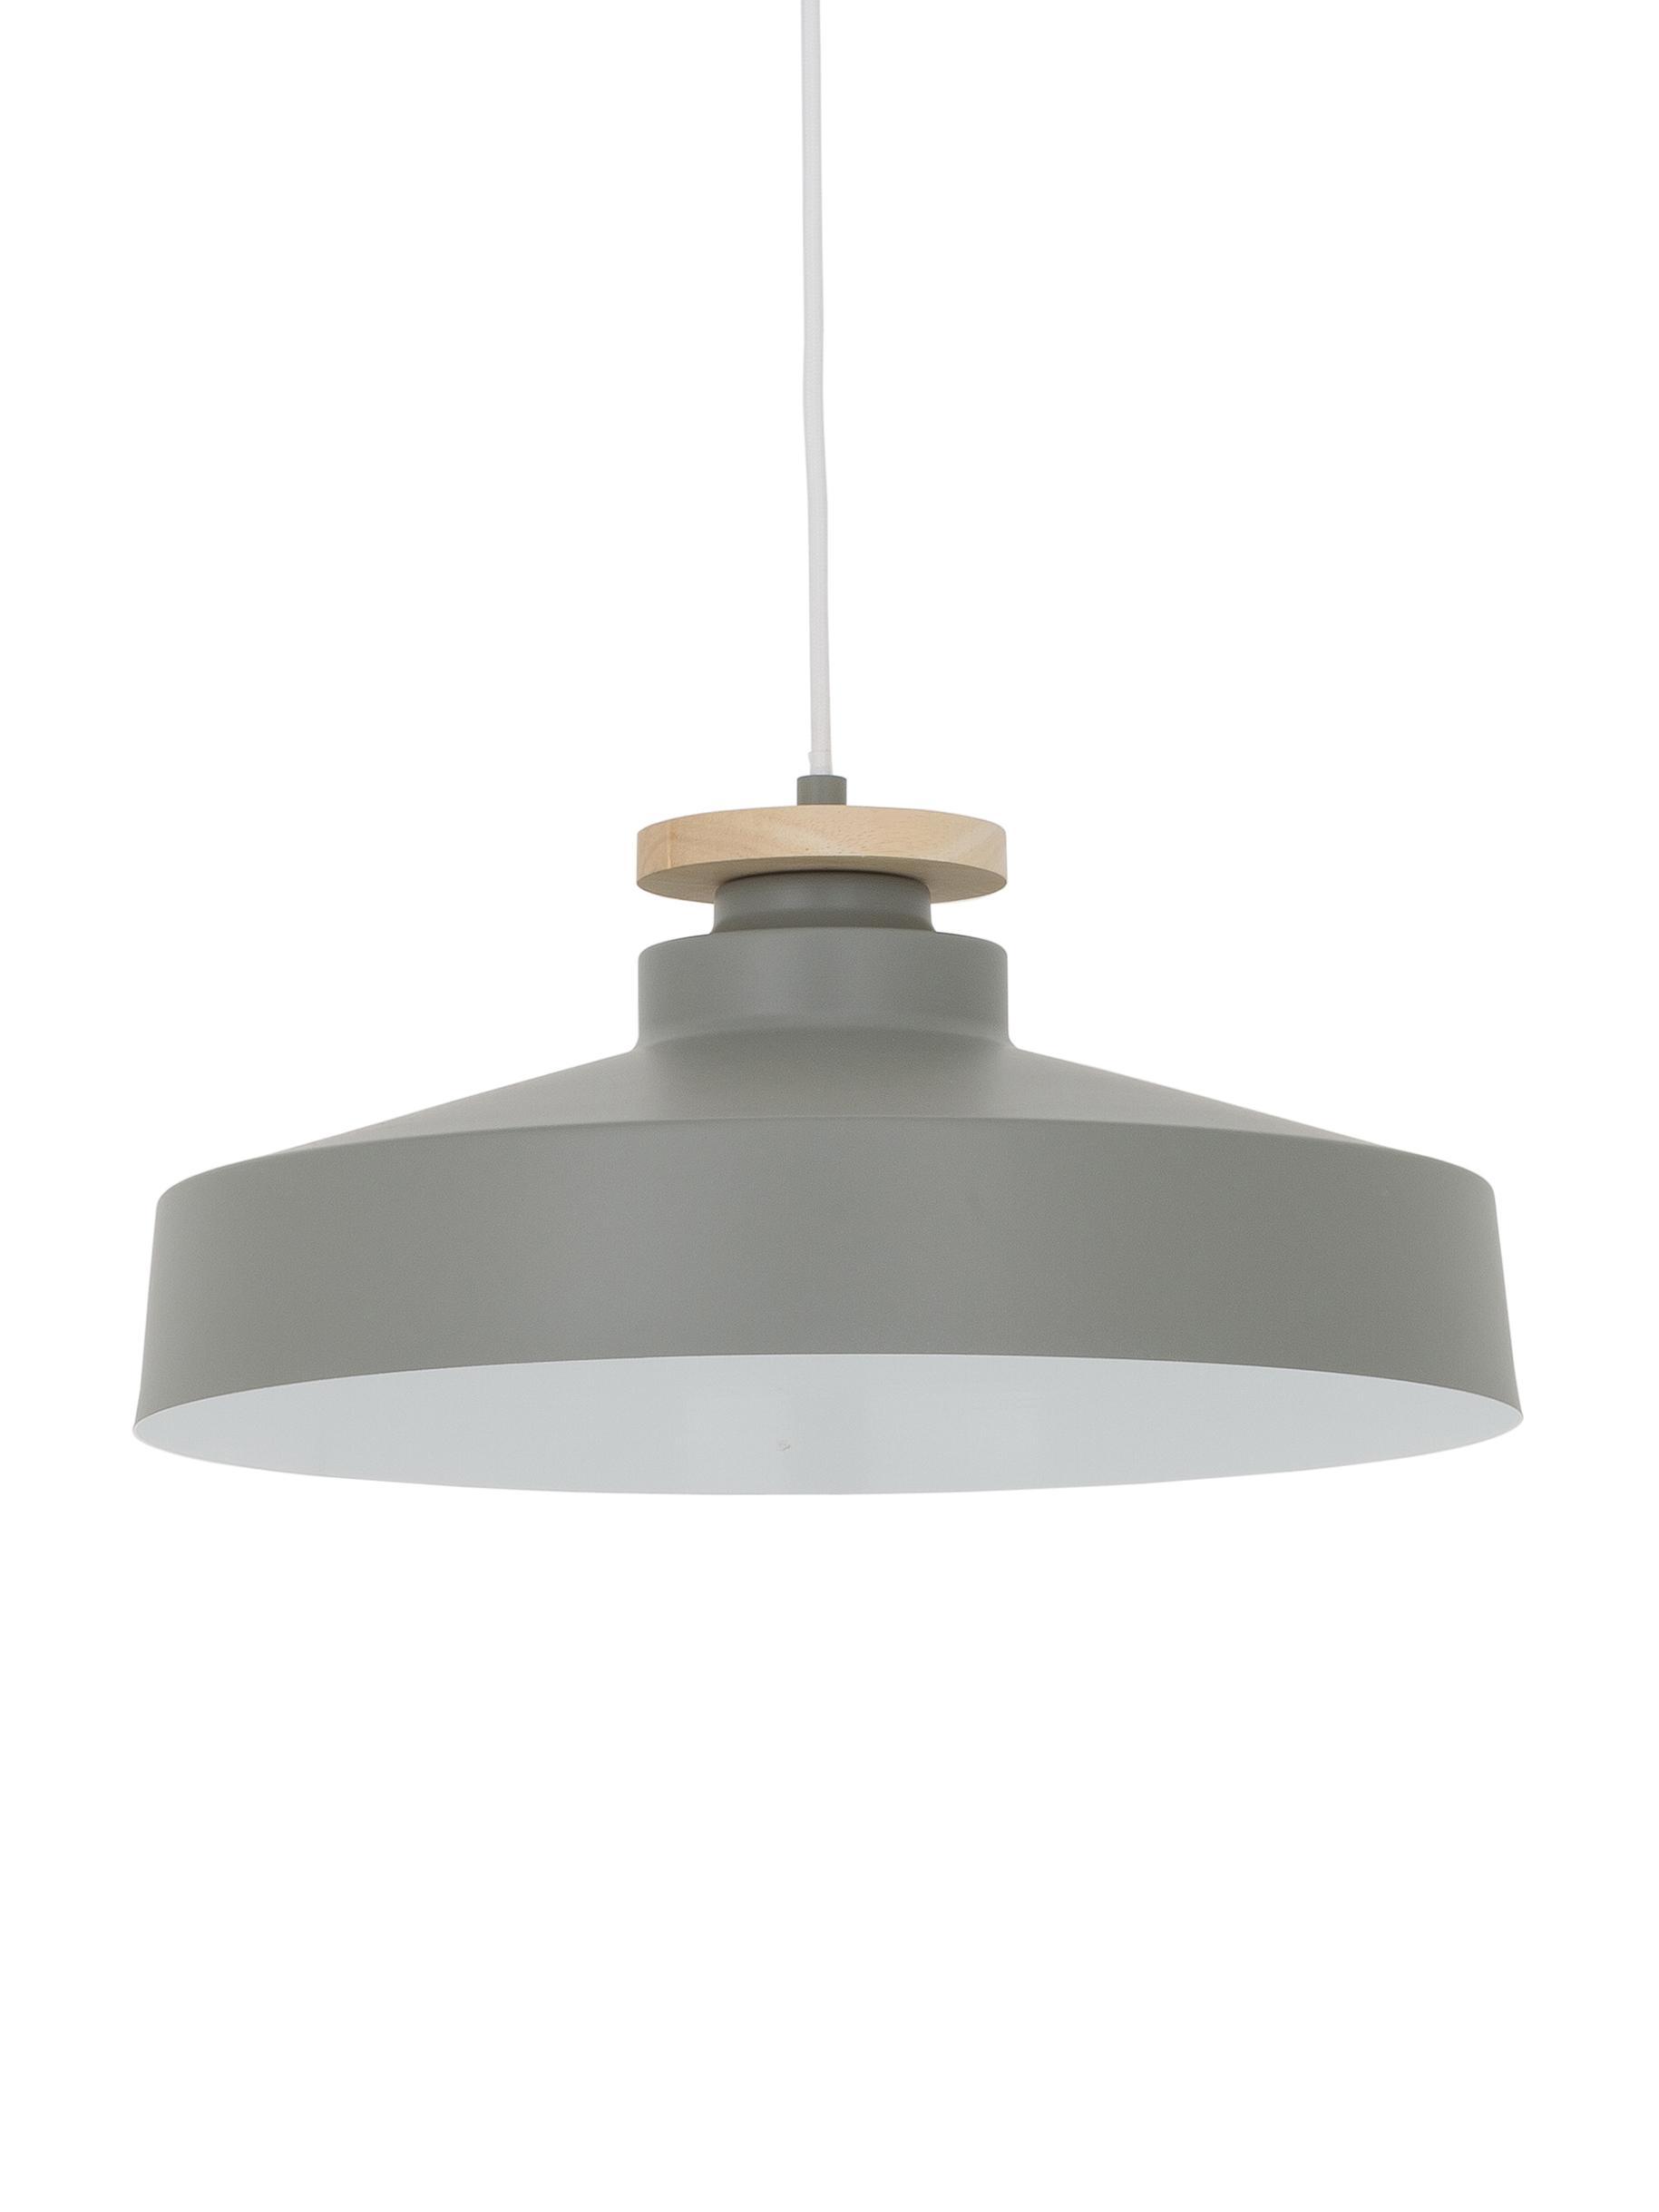 Lampada a sospensione stile nordico Malmö, Paralume: metallo, legno, Baldacchino: metallo, Grigio, Ø 40 x Alt. 20 cm